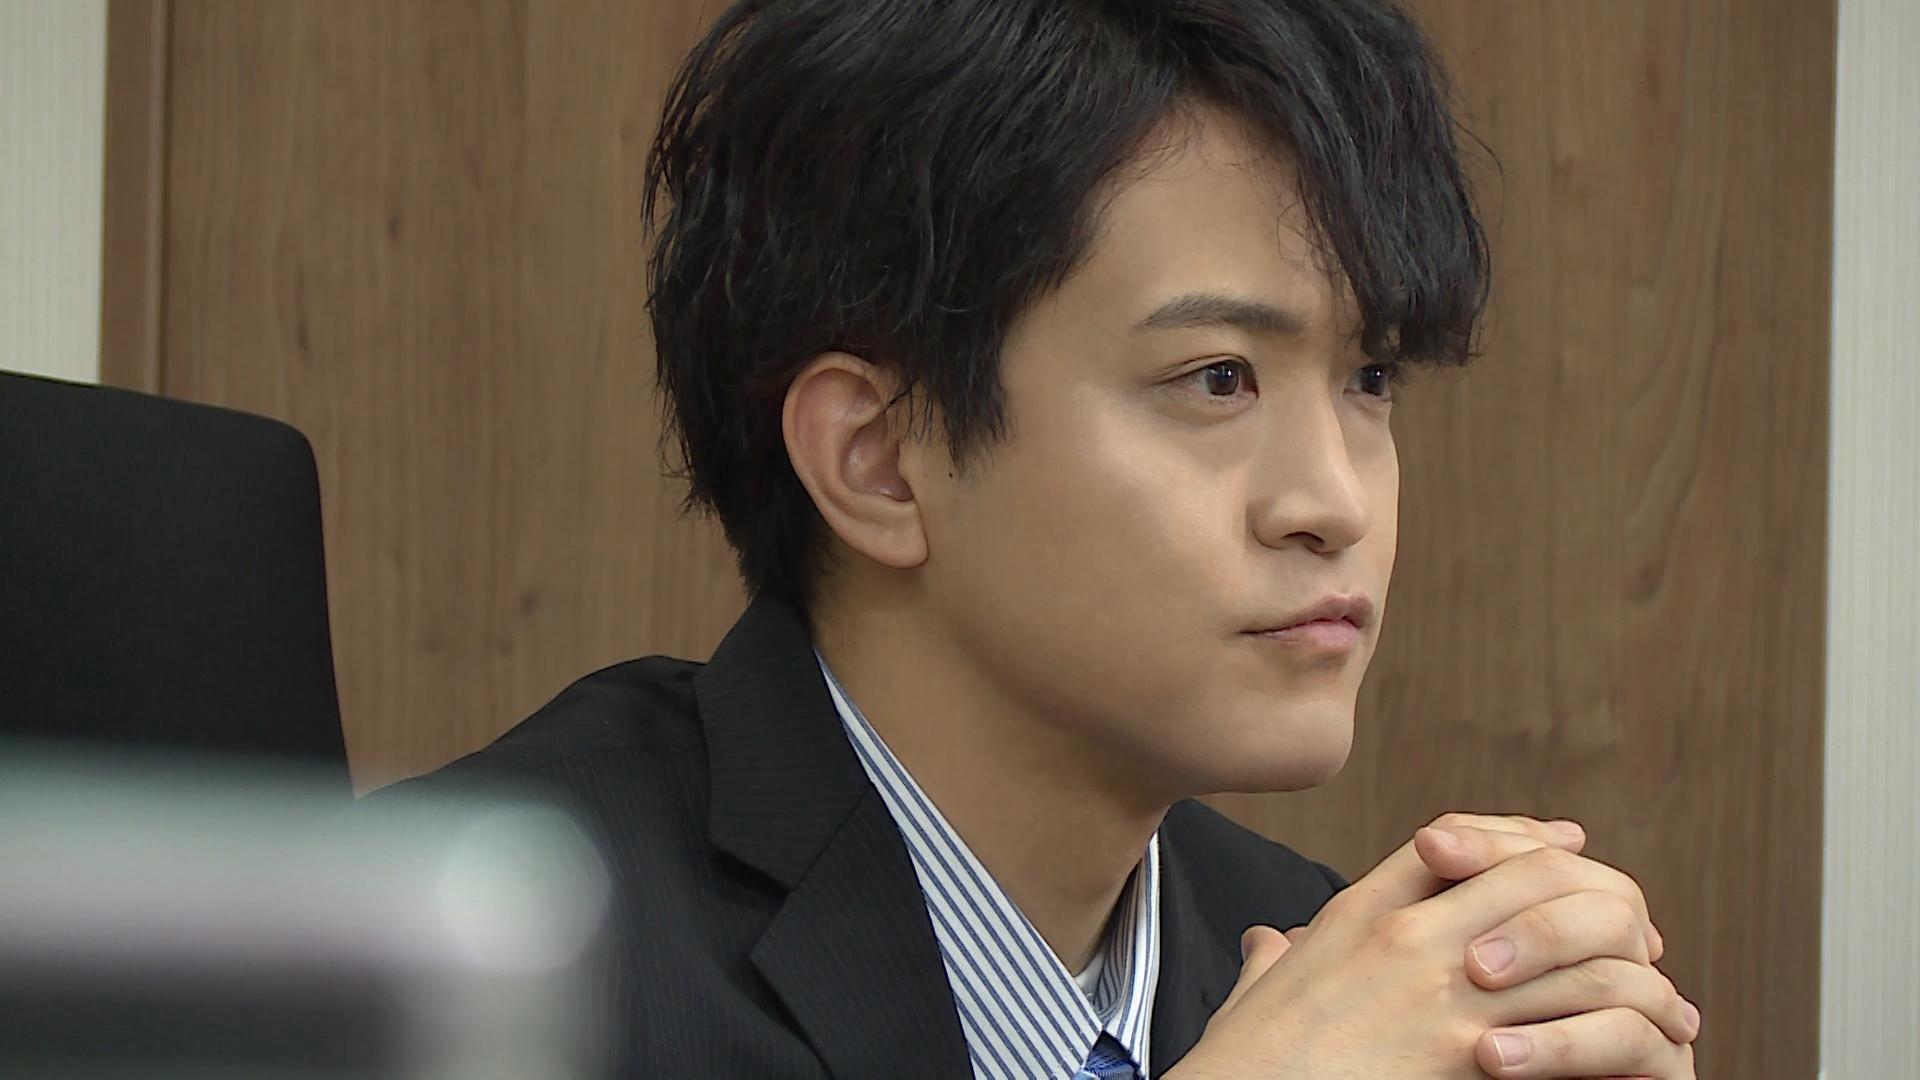 「スカッとジャパン」に石川界人さん初登場!優しい上司役をスーツ姿で演じる